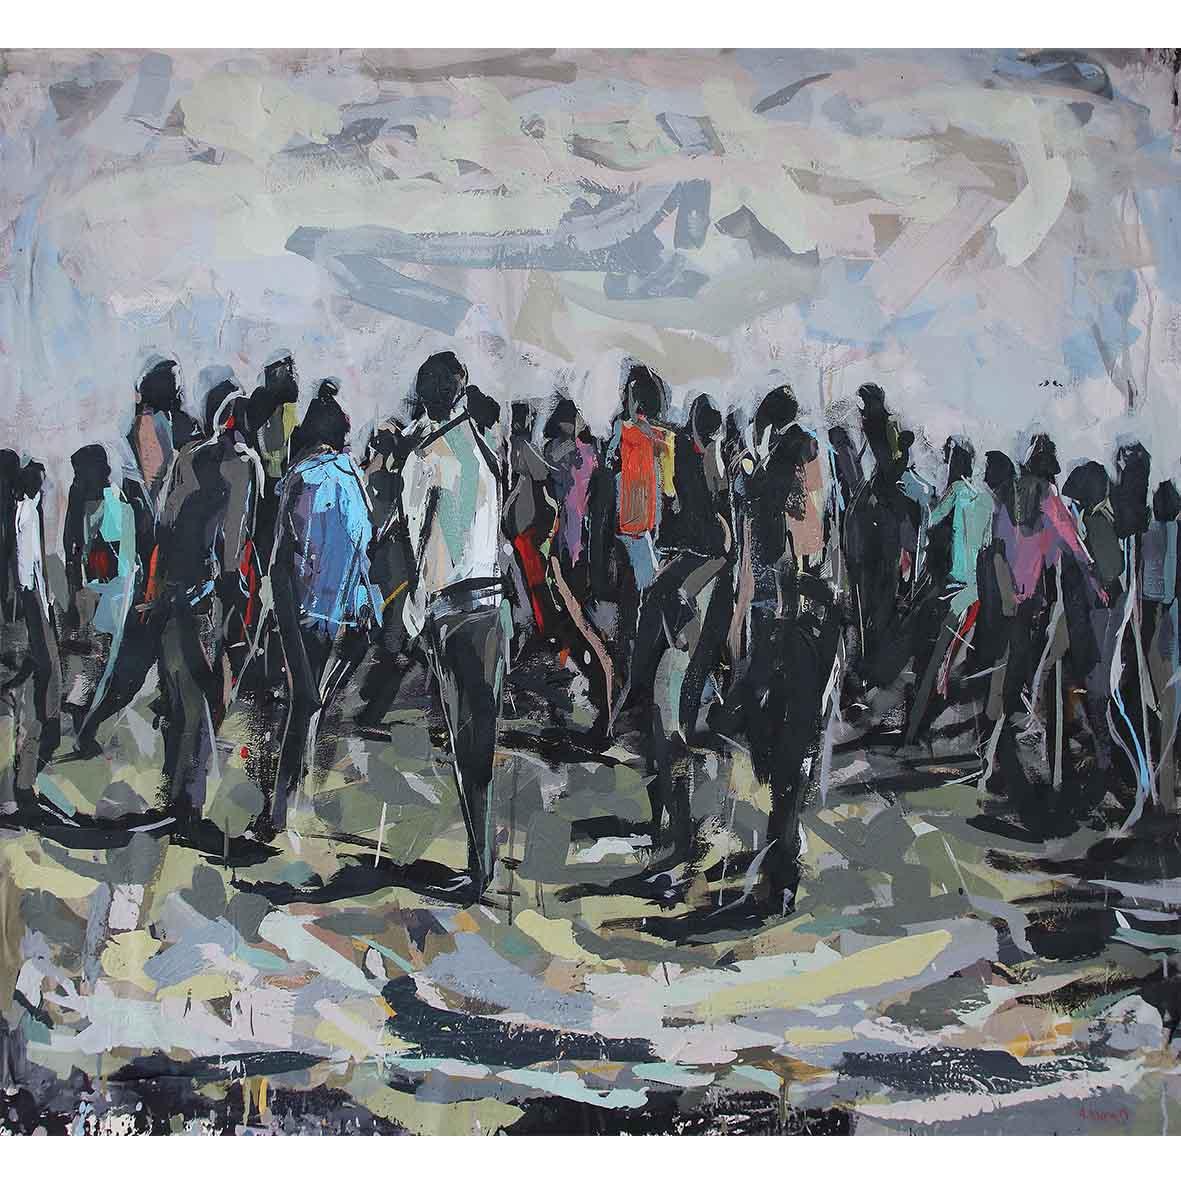 Asanda Kupa Alitshoni unaphakade, , 2019 Acrylic on canvas 145 x 165 cm